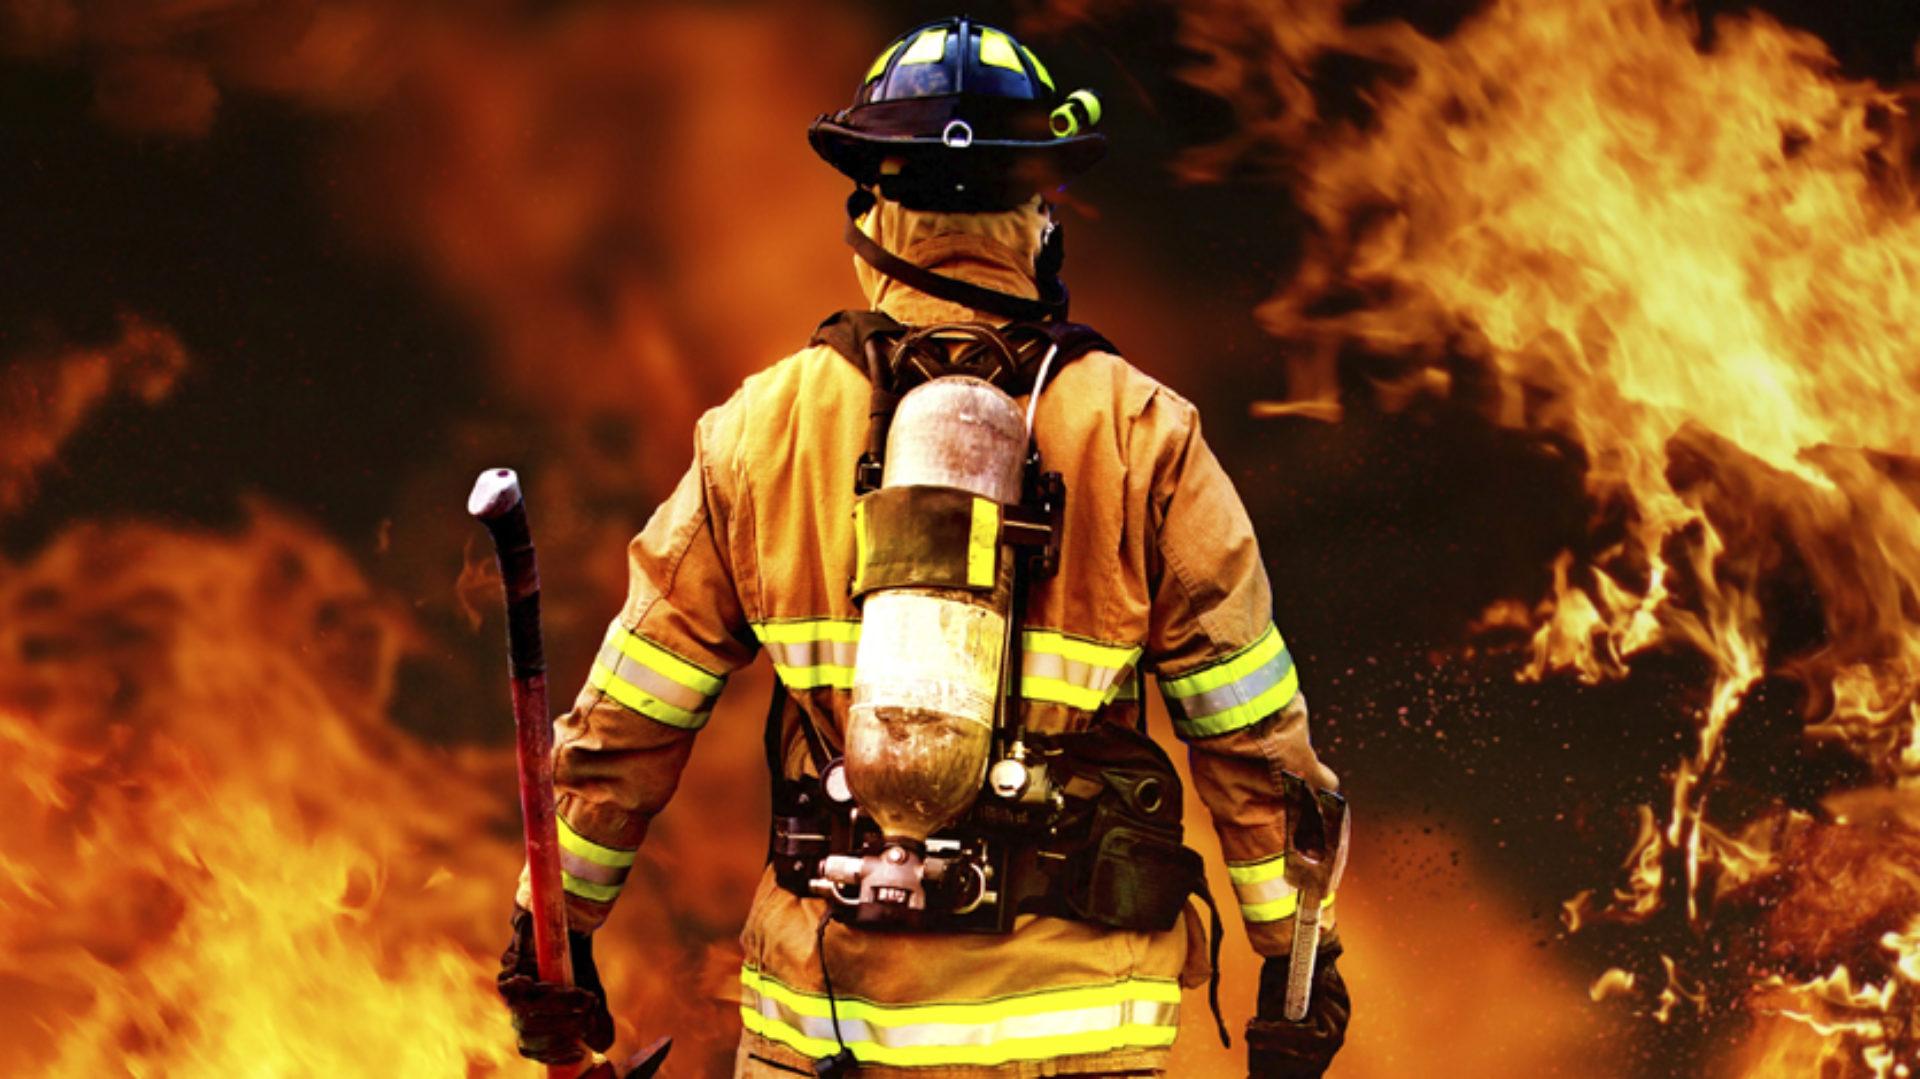 Uređaji za izvlačenje dima, para i gasova i stvaranje lake pene